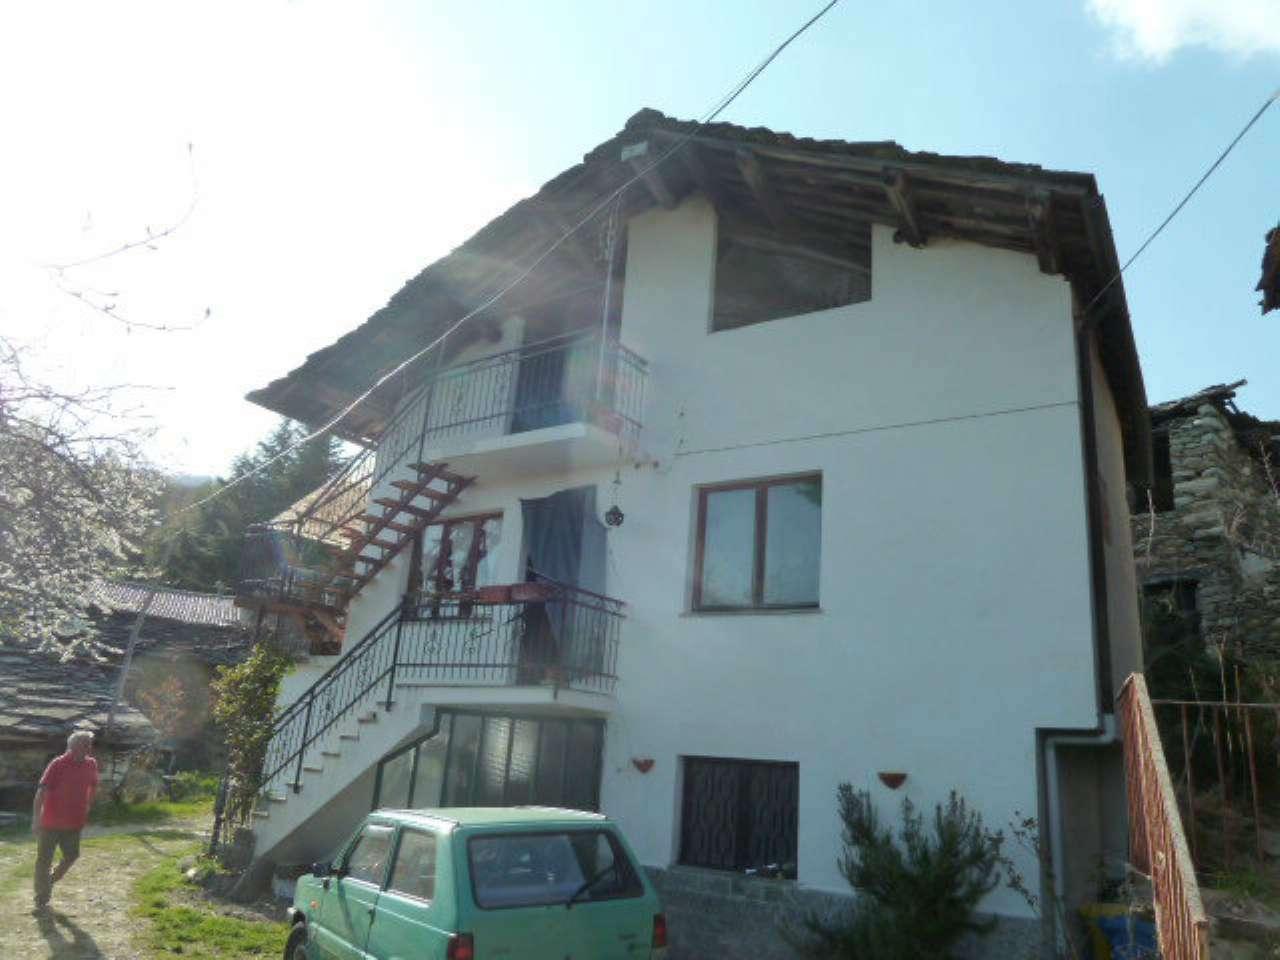 Soluzione Semindipendente in vendita a Canischio, 4 locali, prezzo € 27.000 | CambioCasa.it